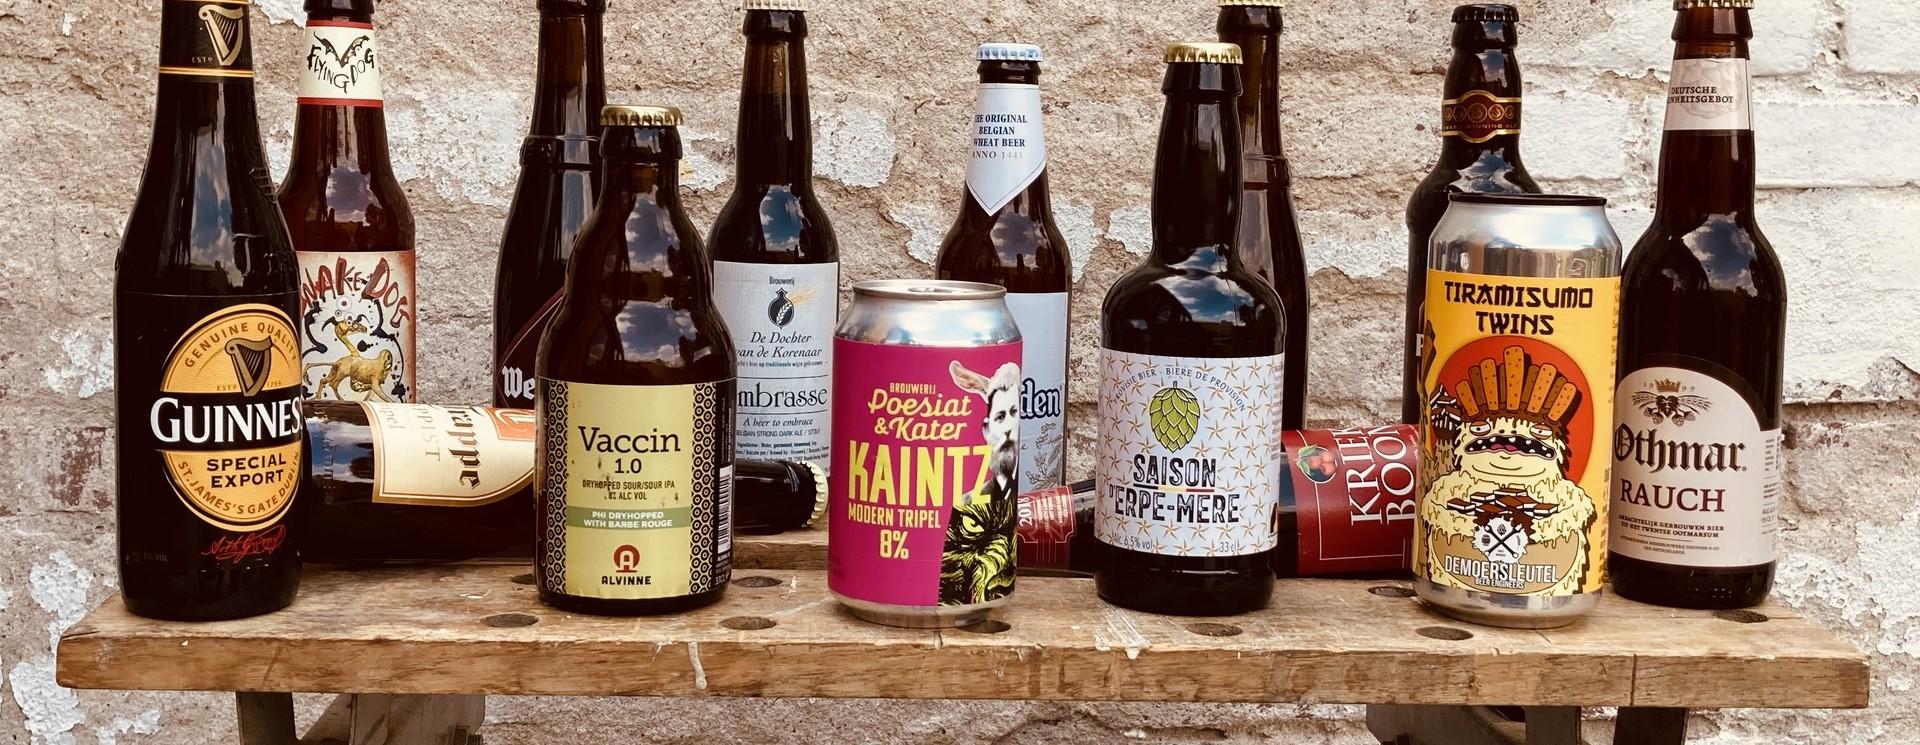 Meld je aan als lid! En ontvang om de maand een uniek bierpakket met bier, bier gerelateerde producten en interessante extra's.